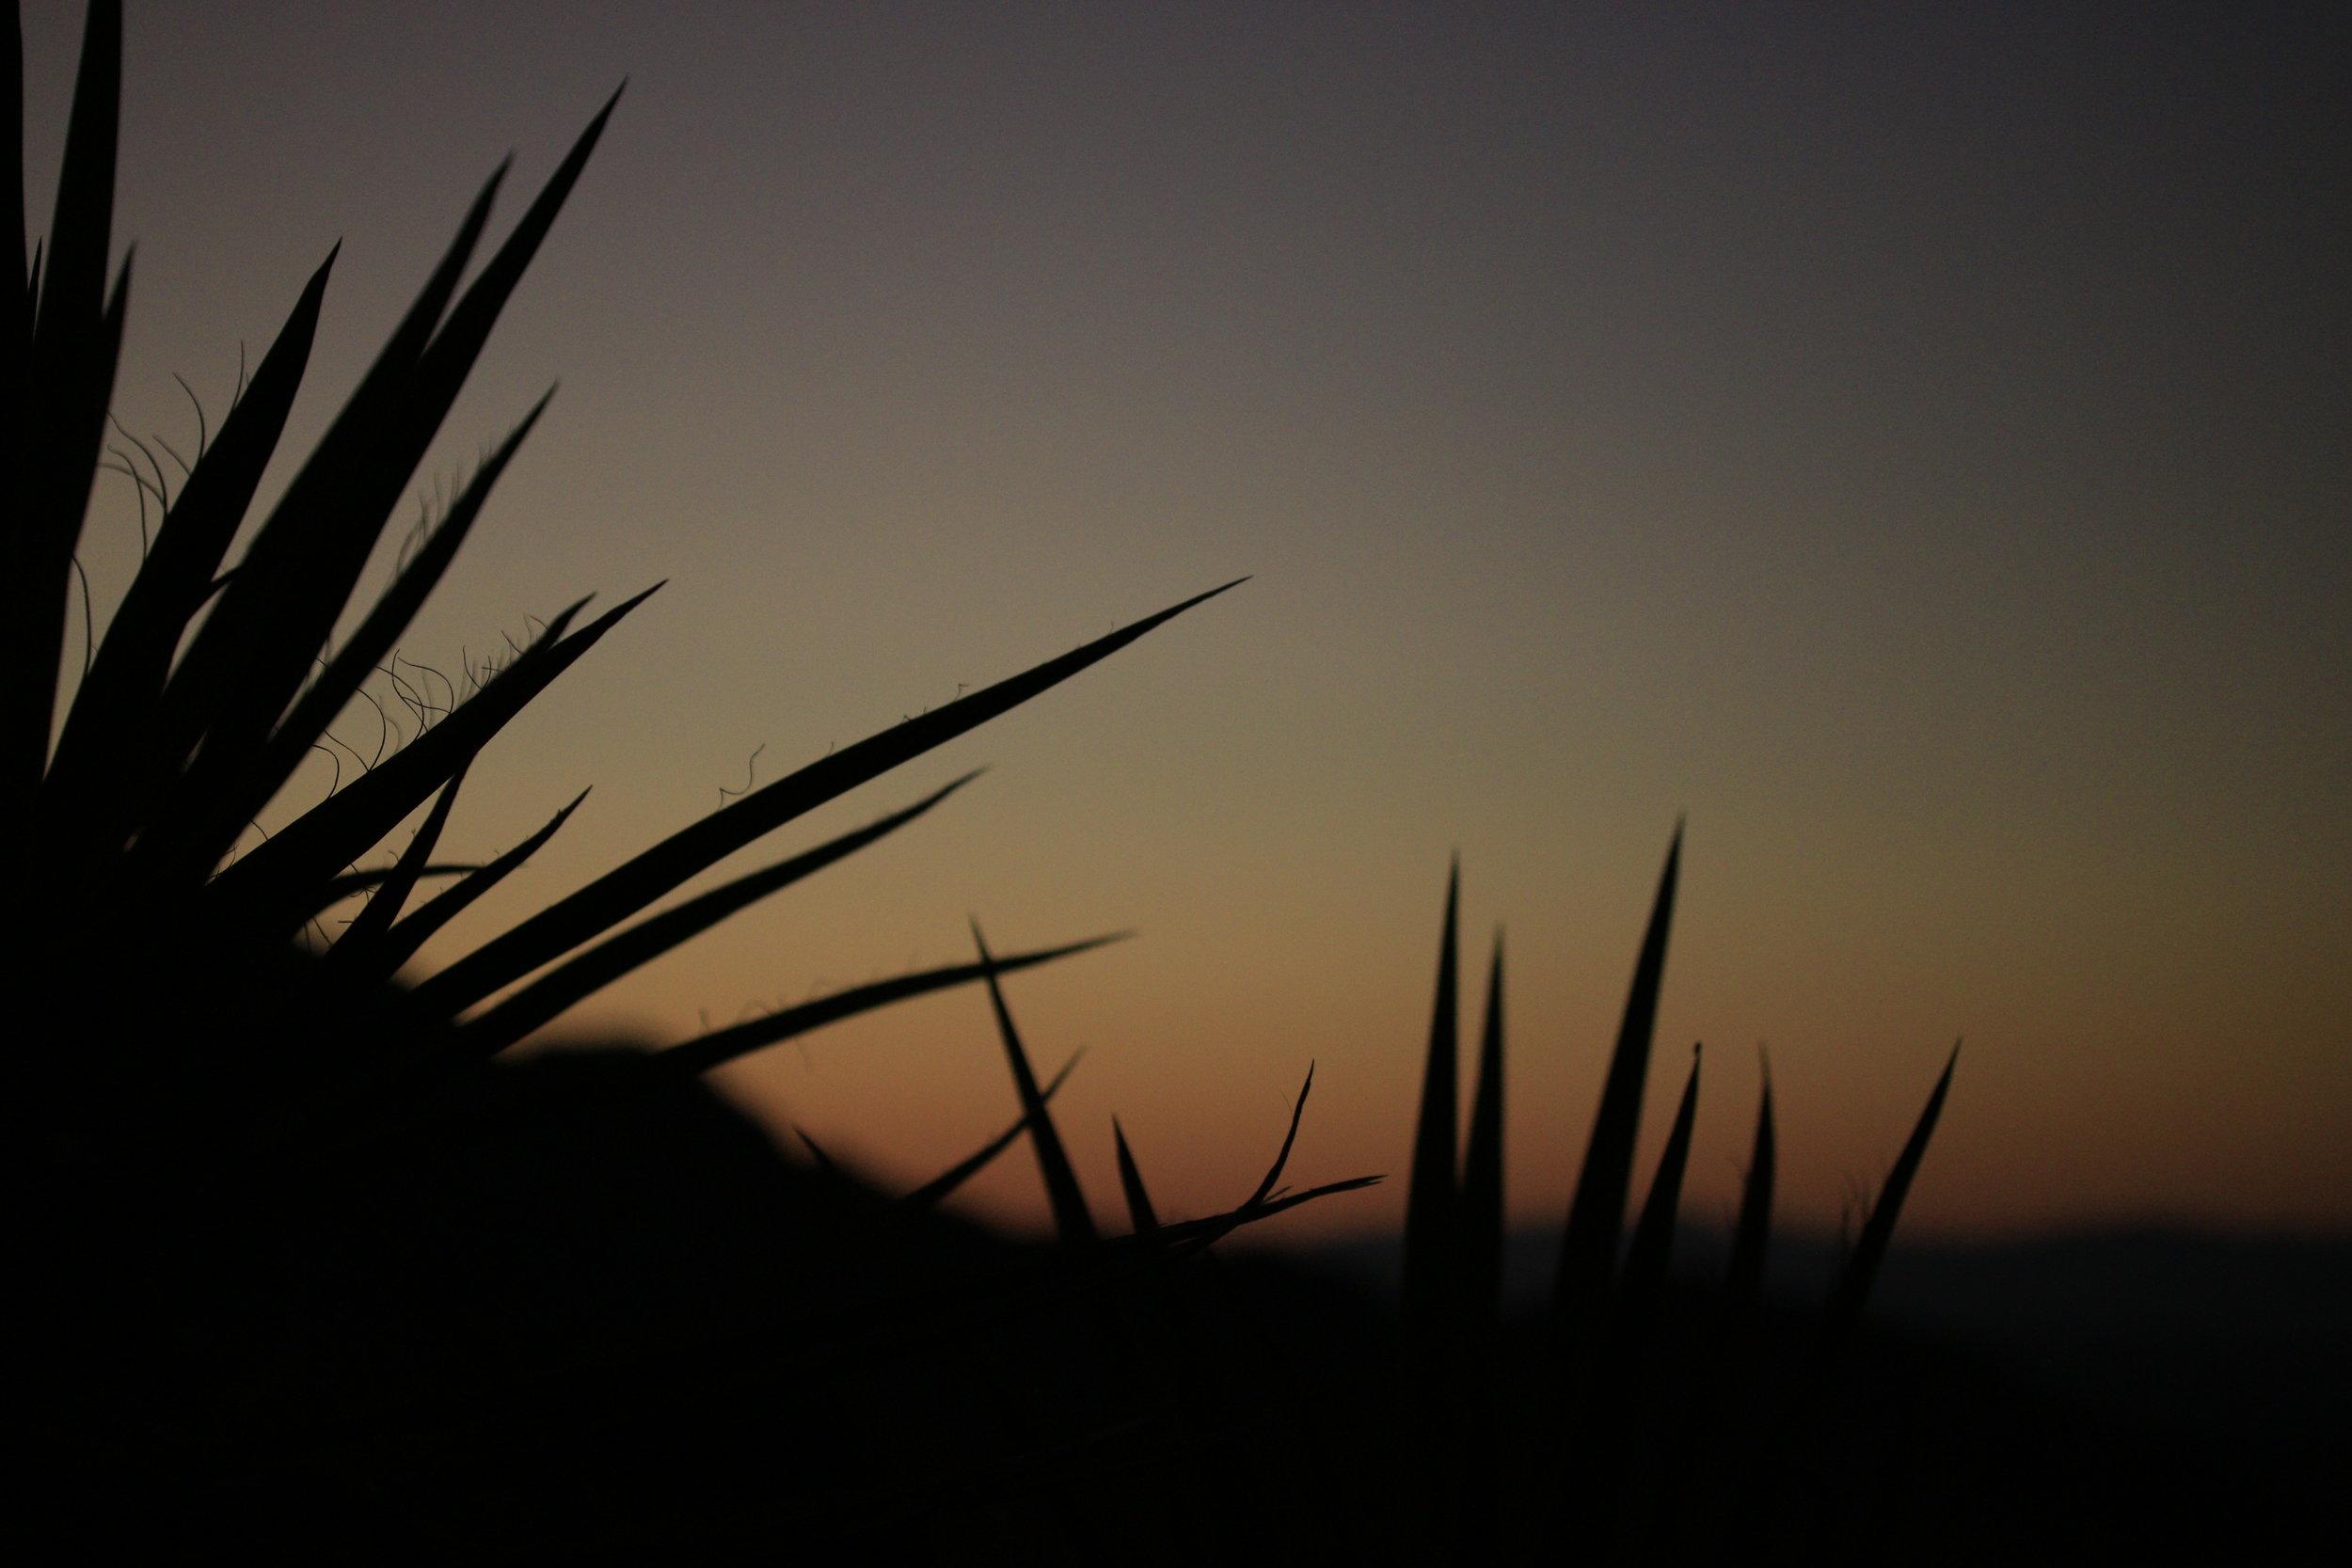 Image by Pirinola Creaciones©